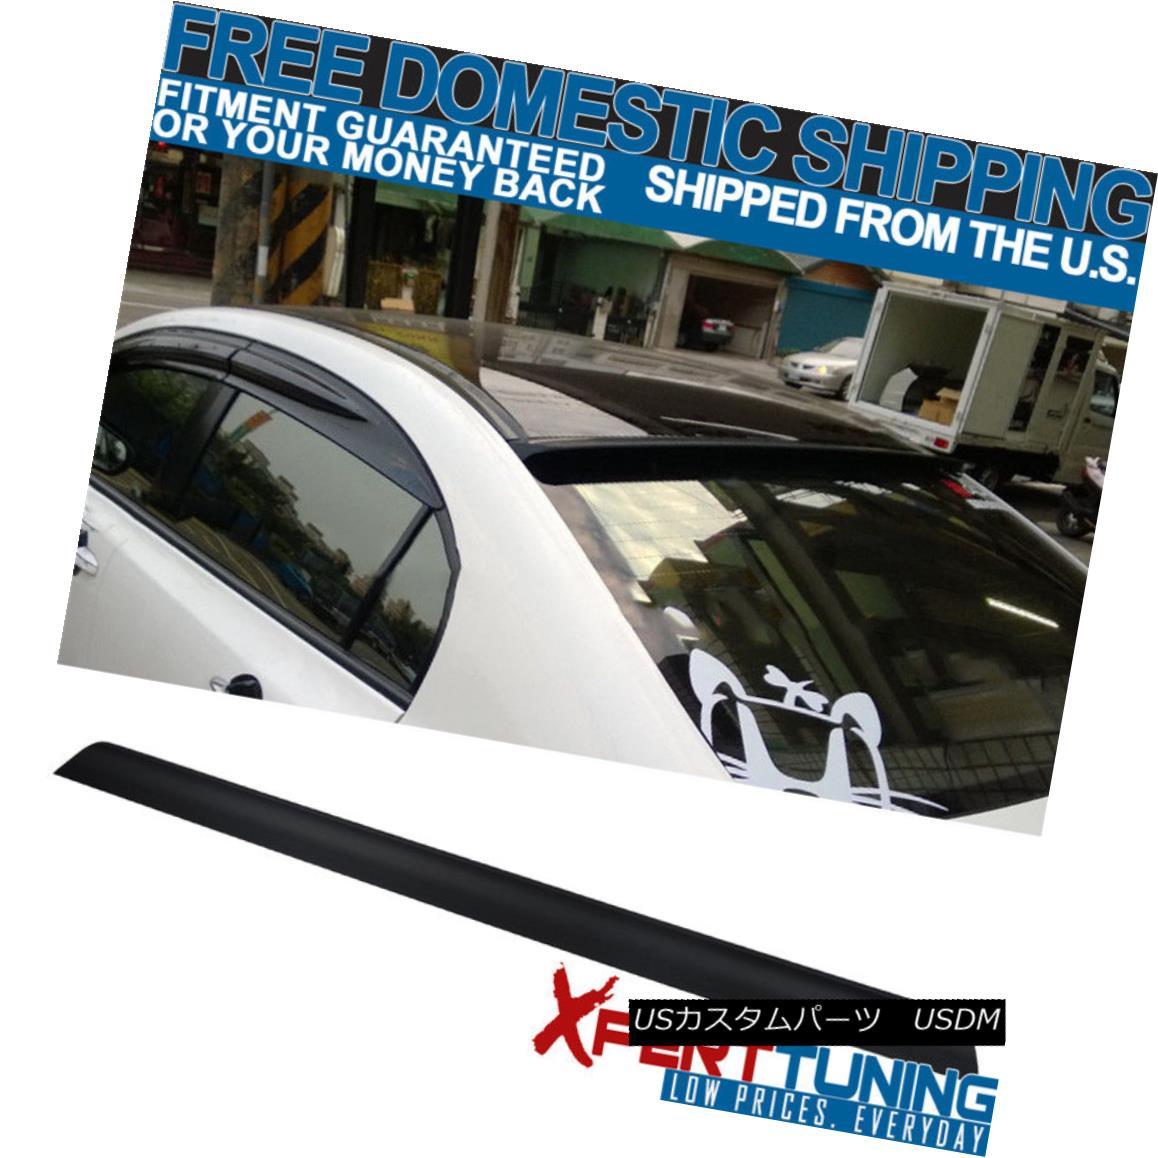 2018新発 エアロパーツ Fit For 06-10 Ford Fusion 4Dr Unpainted PU Flexible Rear Roof Spoiler 6~10フォードフュージョン4Dr未塗装PUフレキシブルリアルーフスポイラー, ジャンプラボ 592b86c7